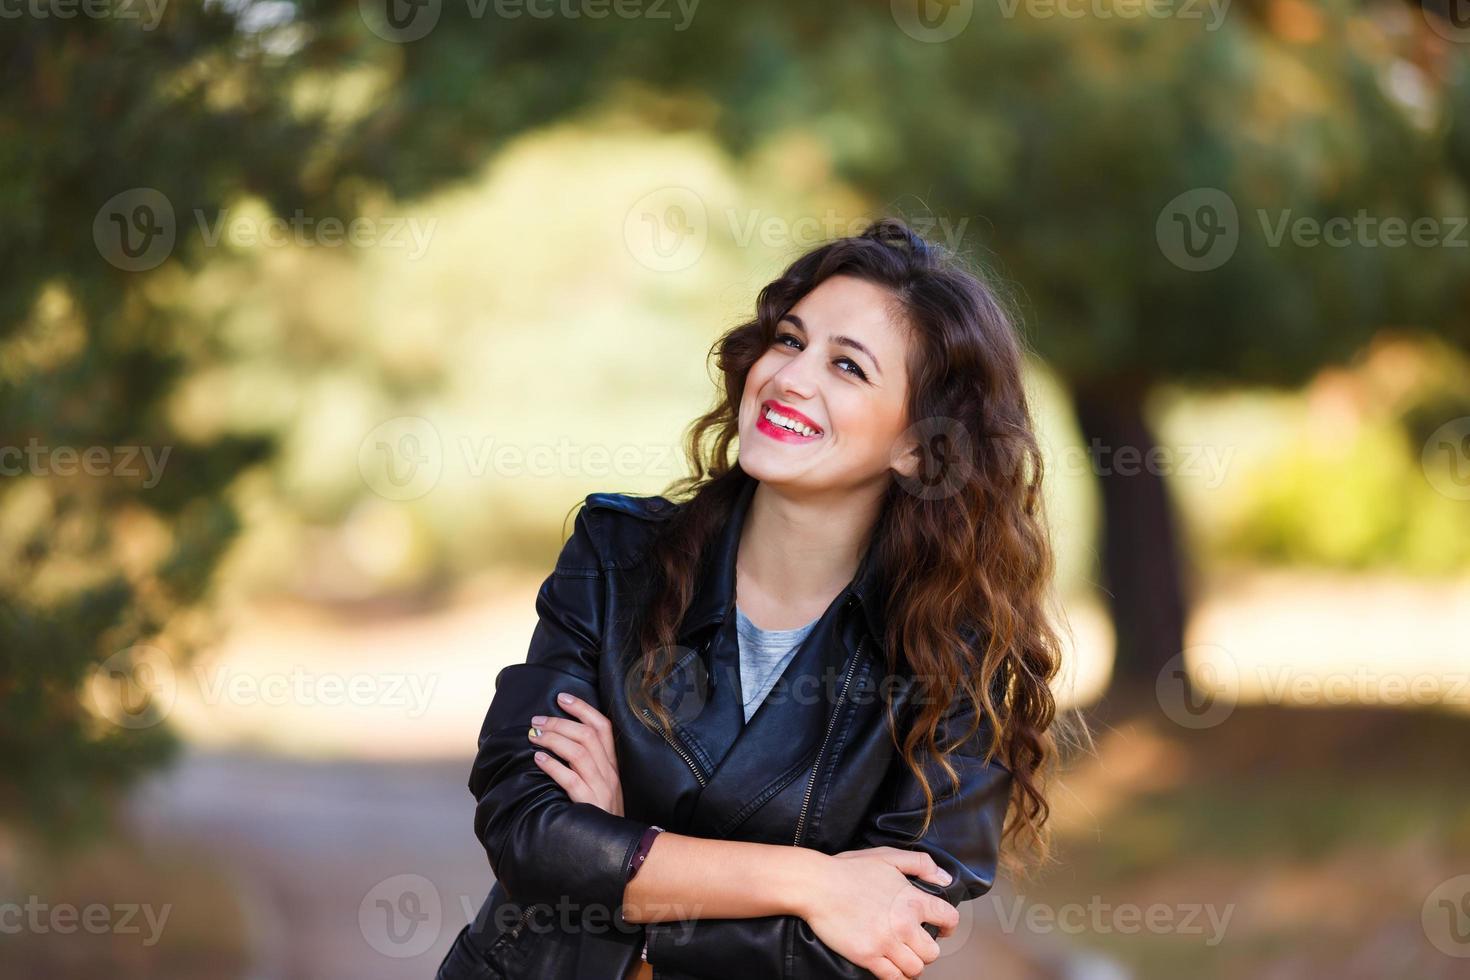 giovane donna sorridente foto